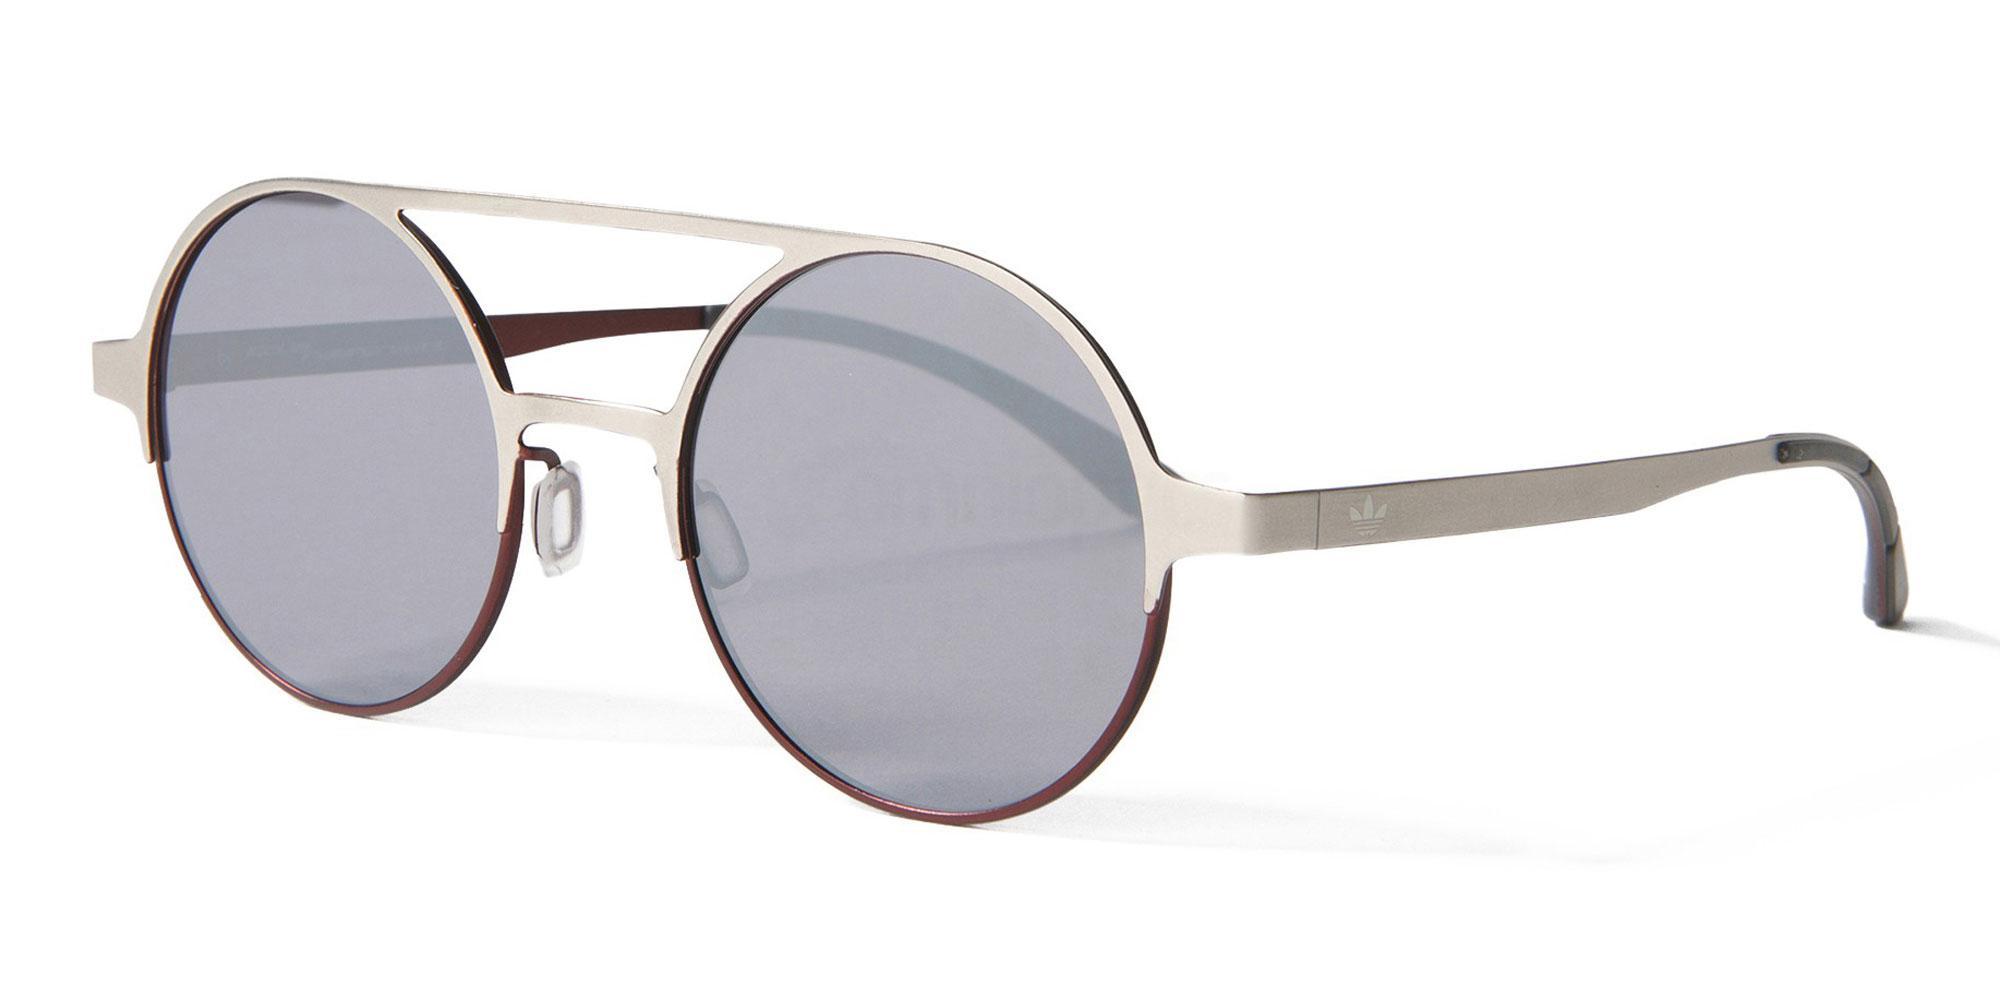 075.057 AOM006 Sunglasses, Adidas Originals